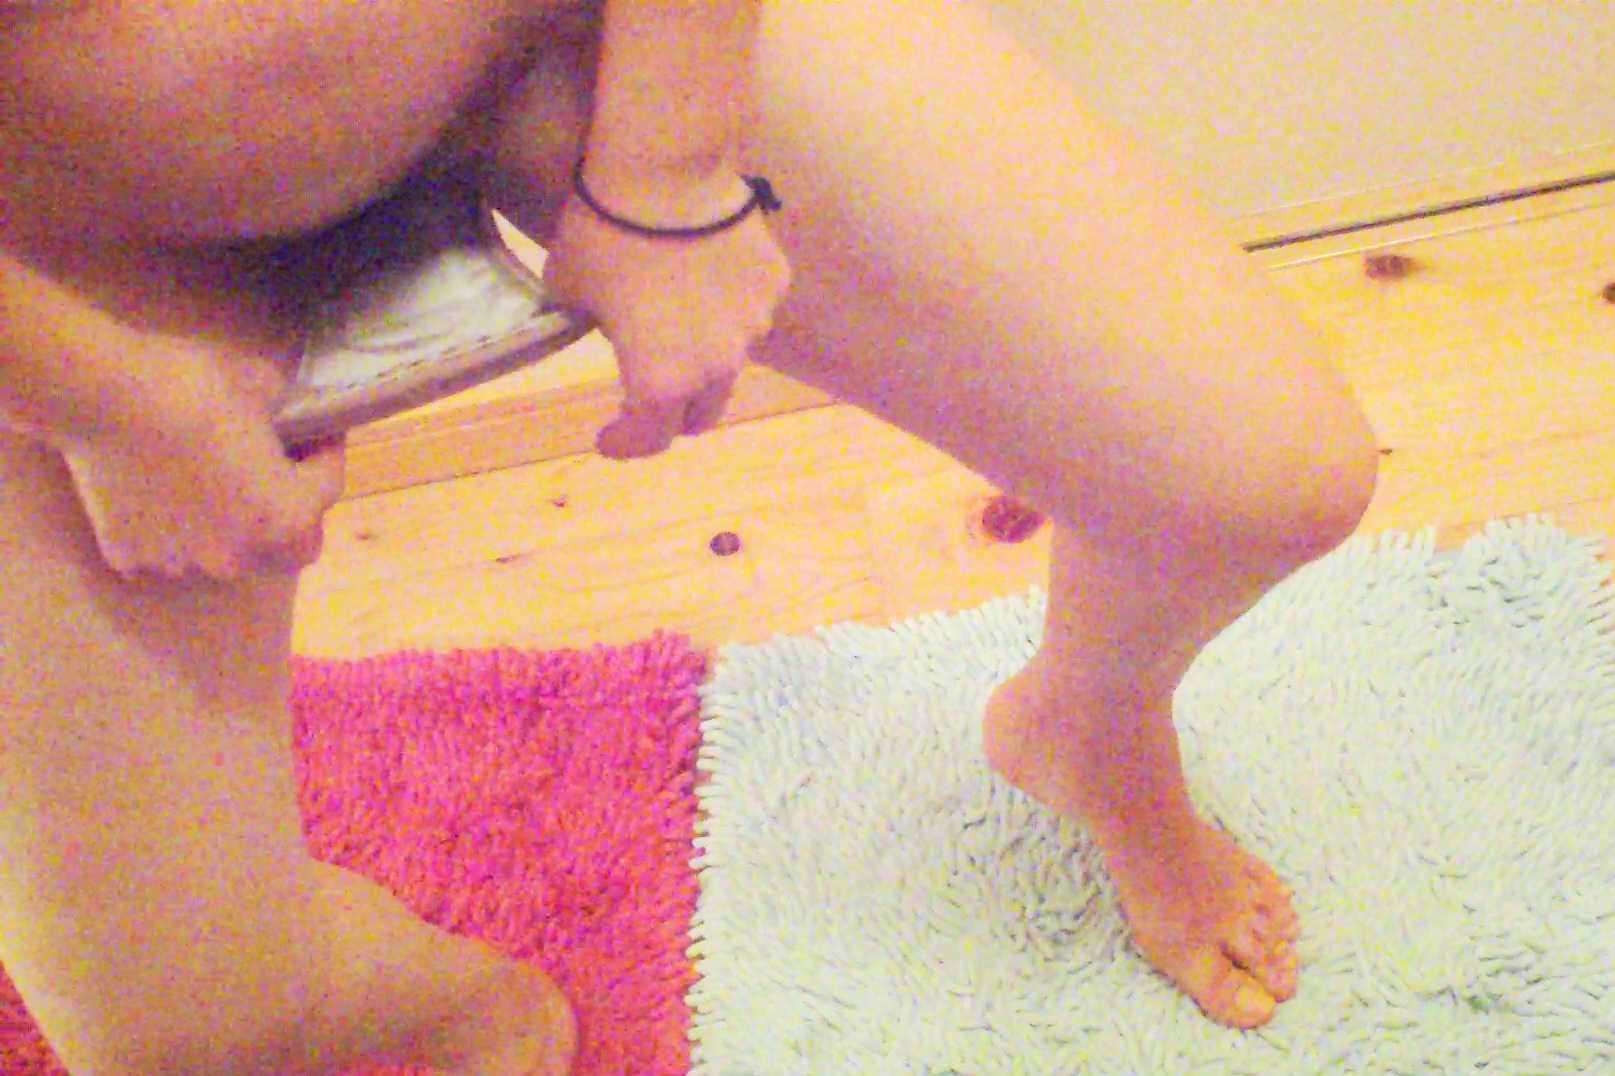 【風呂・脱衣所覗き】旦那も混ざって盗撮wwwママさんの風呂・脱衣所での裸体に心躍る画像 06